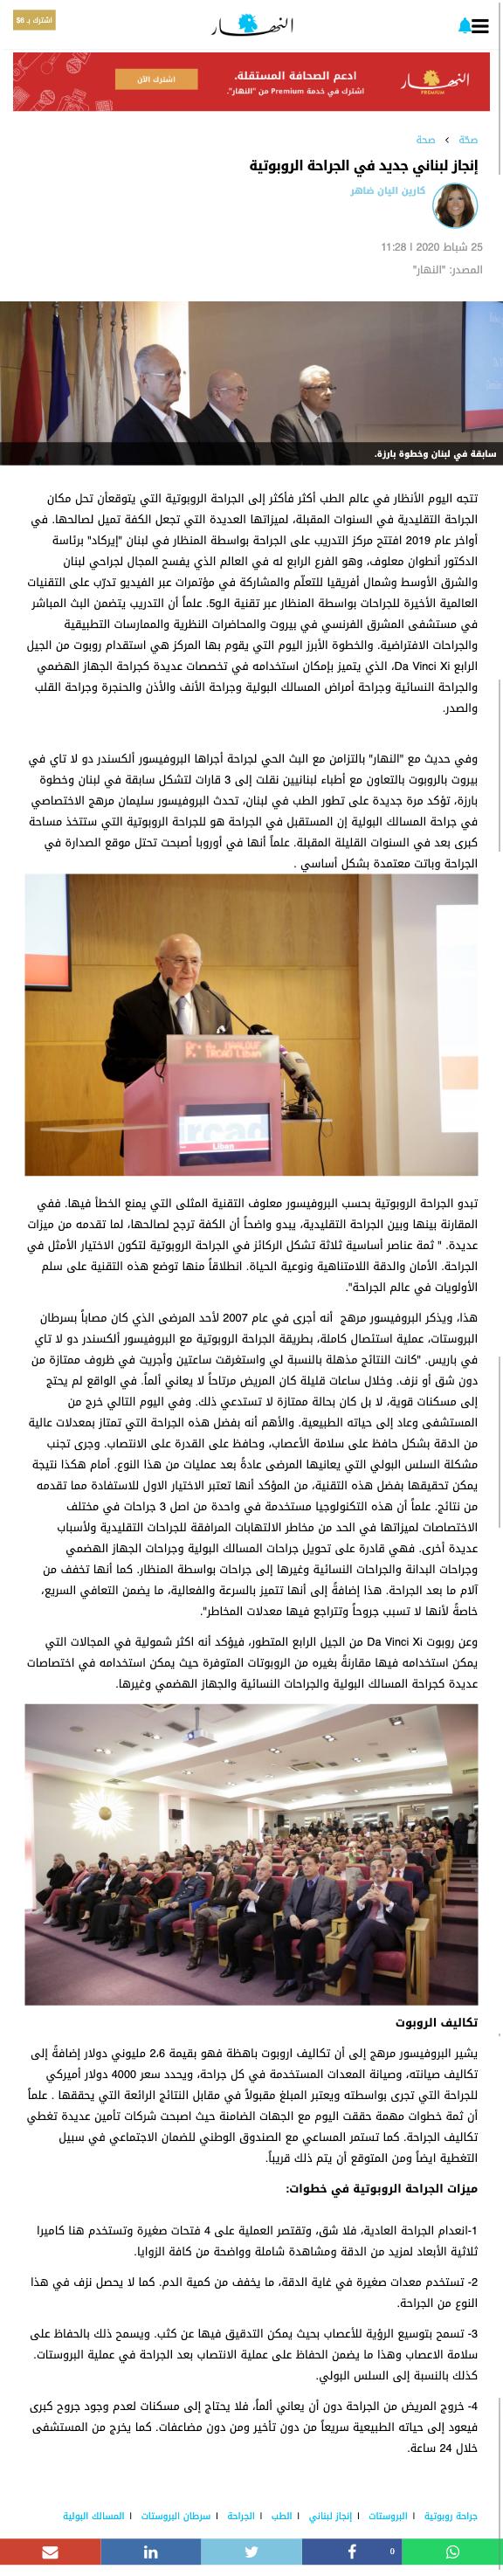 إنجاز لبناني جديد في الجراحة الروبوتية